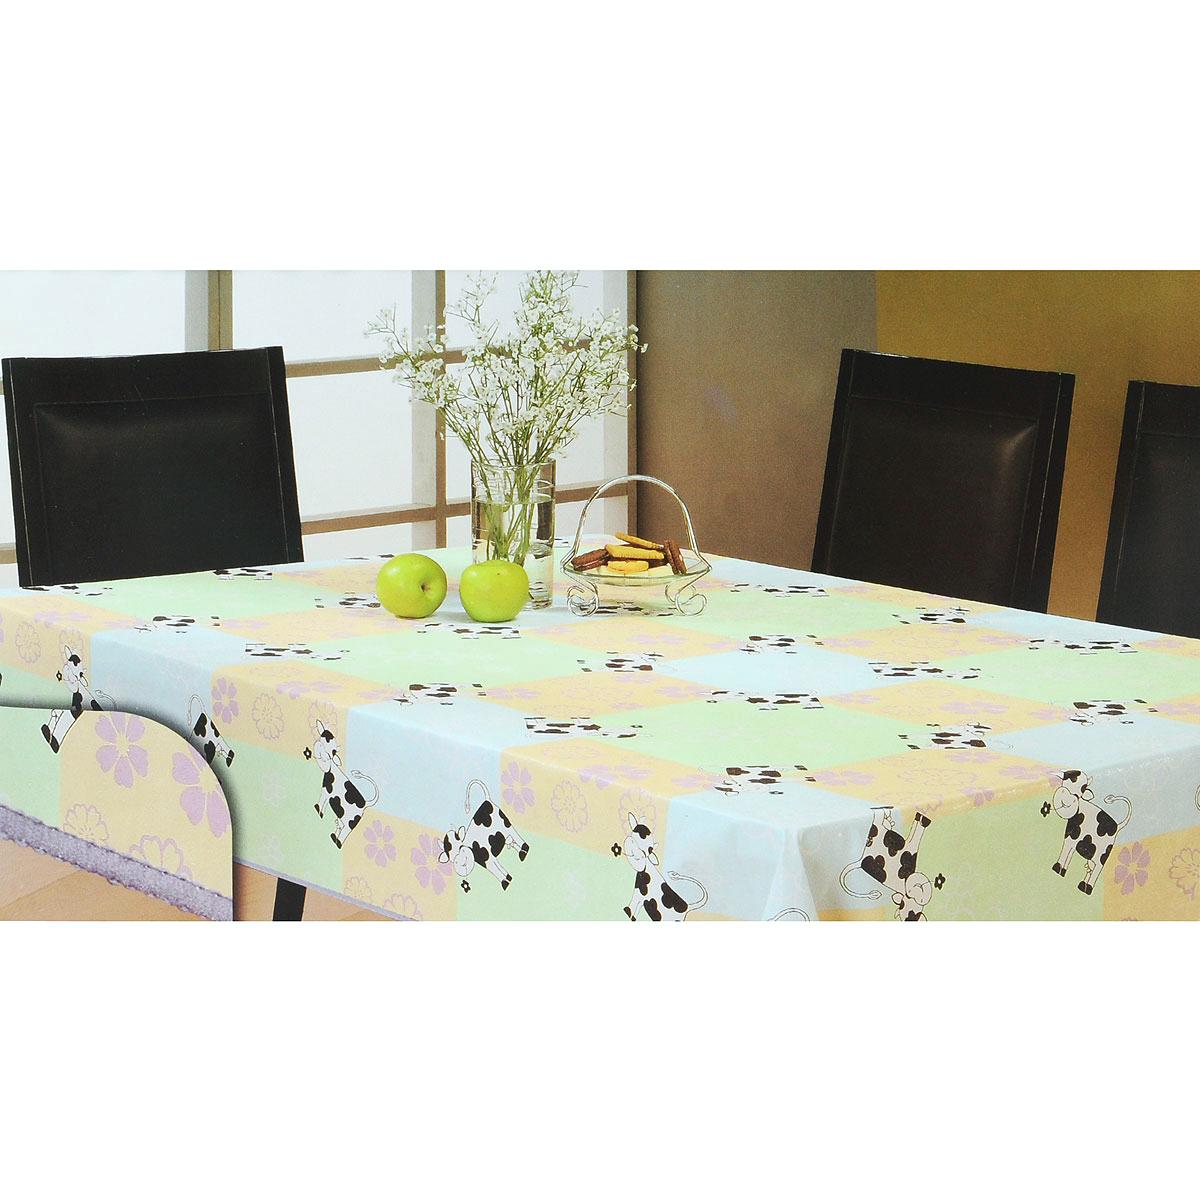 Скатерть White Fox Буренка, прямоугольная, цвет: голубой, светло-зеленый, 152  x 228 см скатерти white fox скатерть party standart пвх с основой из флиса 152 228 см